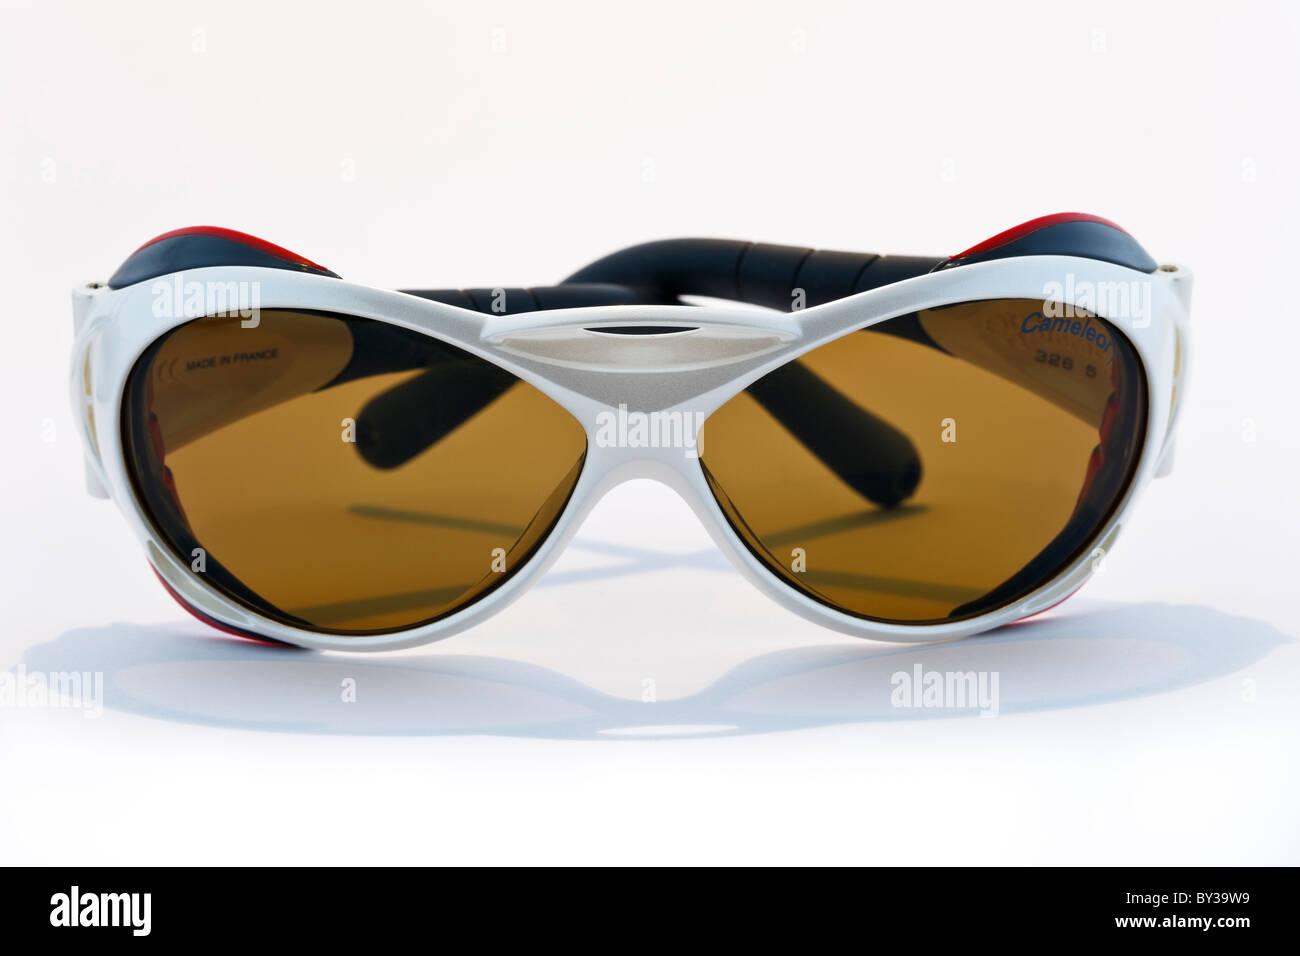 57977ea9b35 Julbo Explorer glacier sunglasses with Cameleon photochromic dark brown  lenses on a plain white background